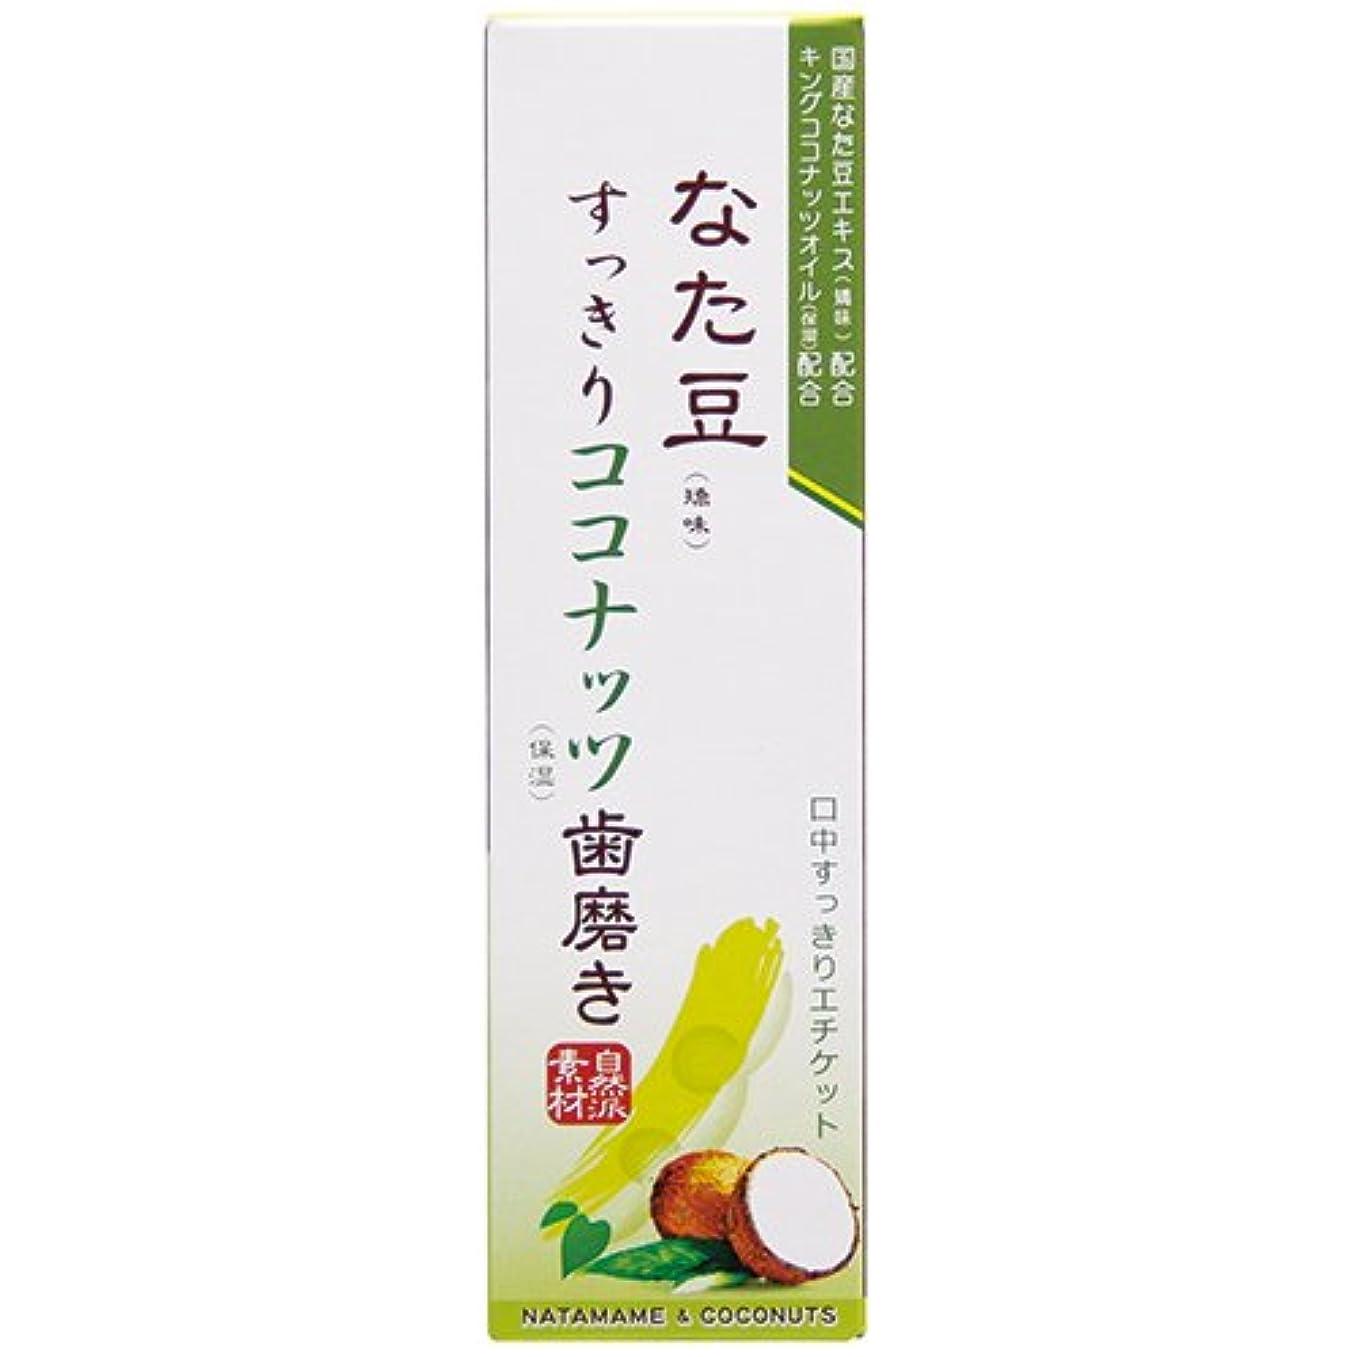 ベアリングサークル評価可能岸なた豆すっきりココナッツ歯磨き粉 120g